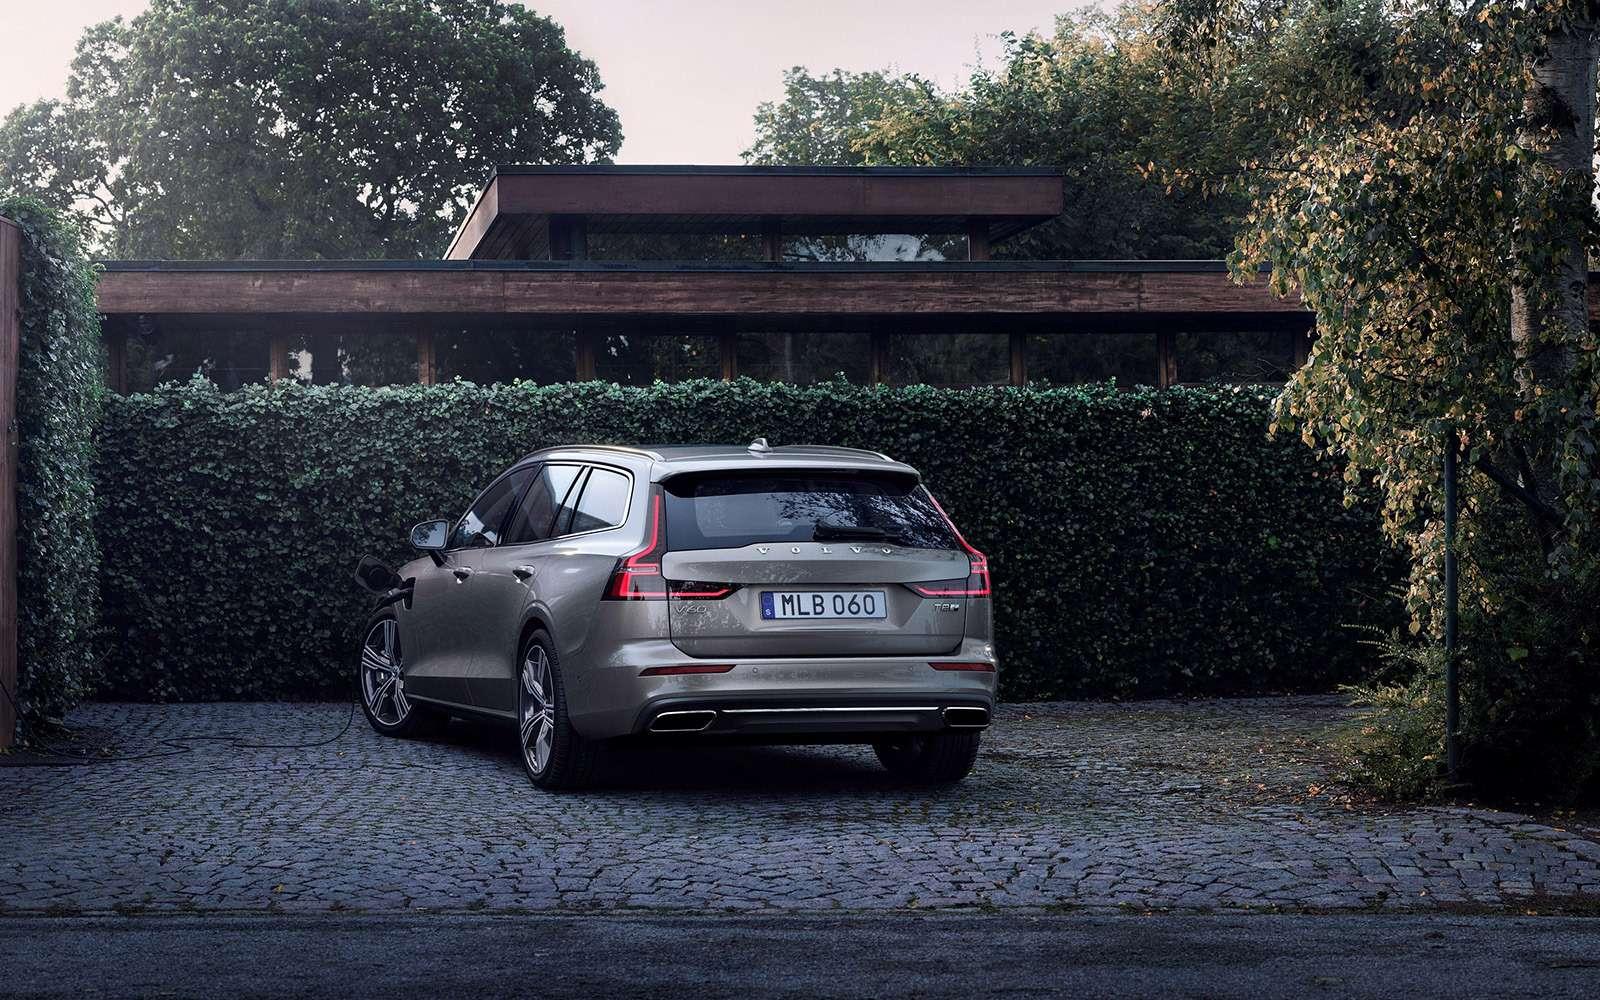 Volvo представила V60: семейный, роскошный инедлянас— фото 847556